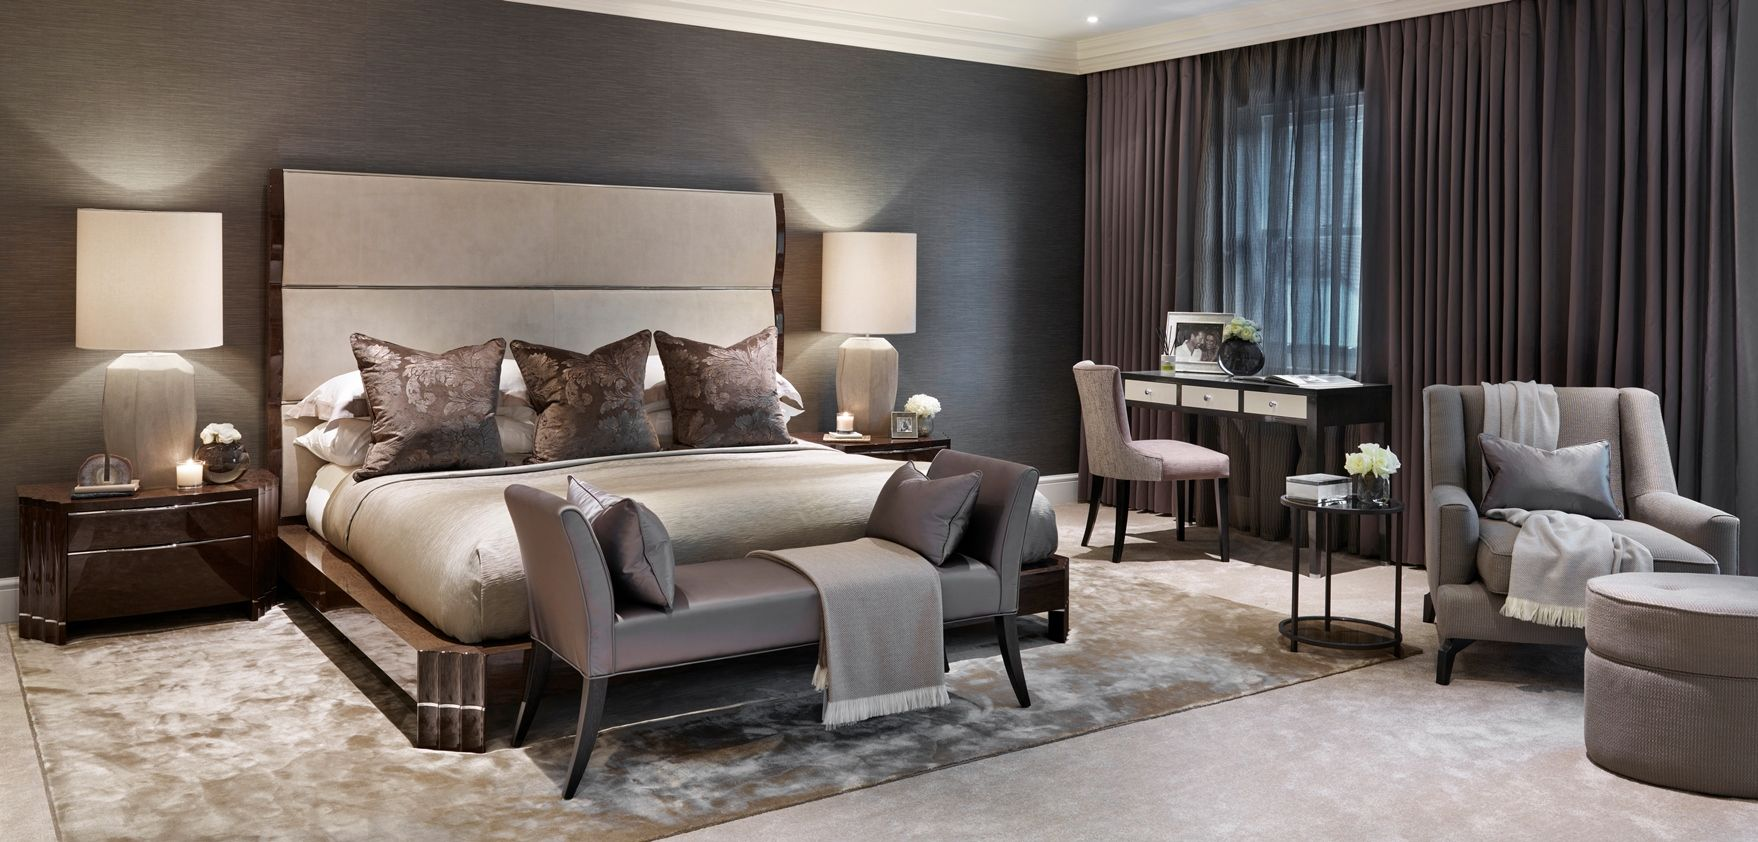 Luxury Interior Design Bedroom Cobham Luxury Interior Design London Surrey Sophie